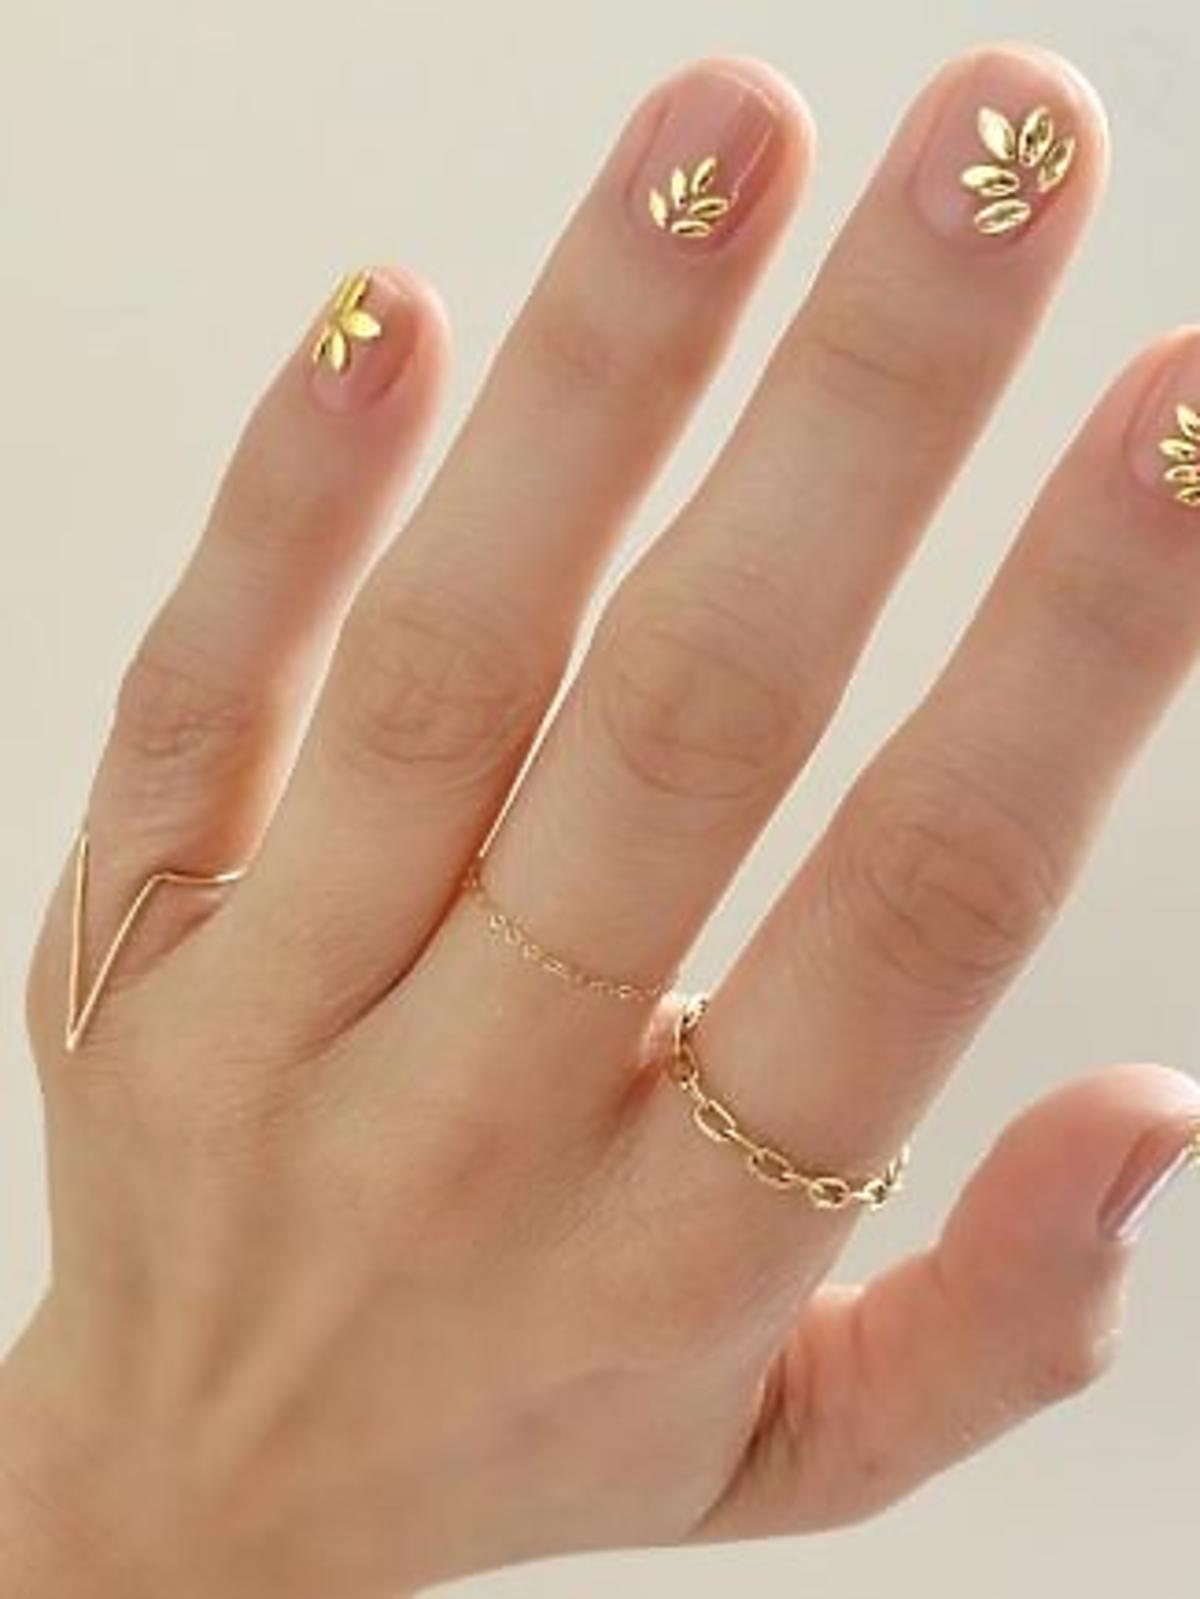 Złote naklejki na paznokciach